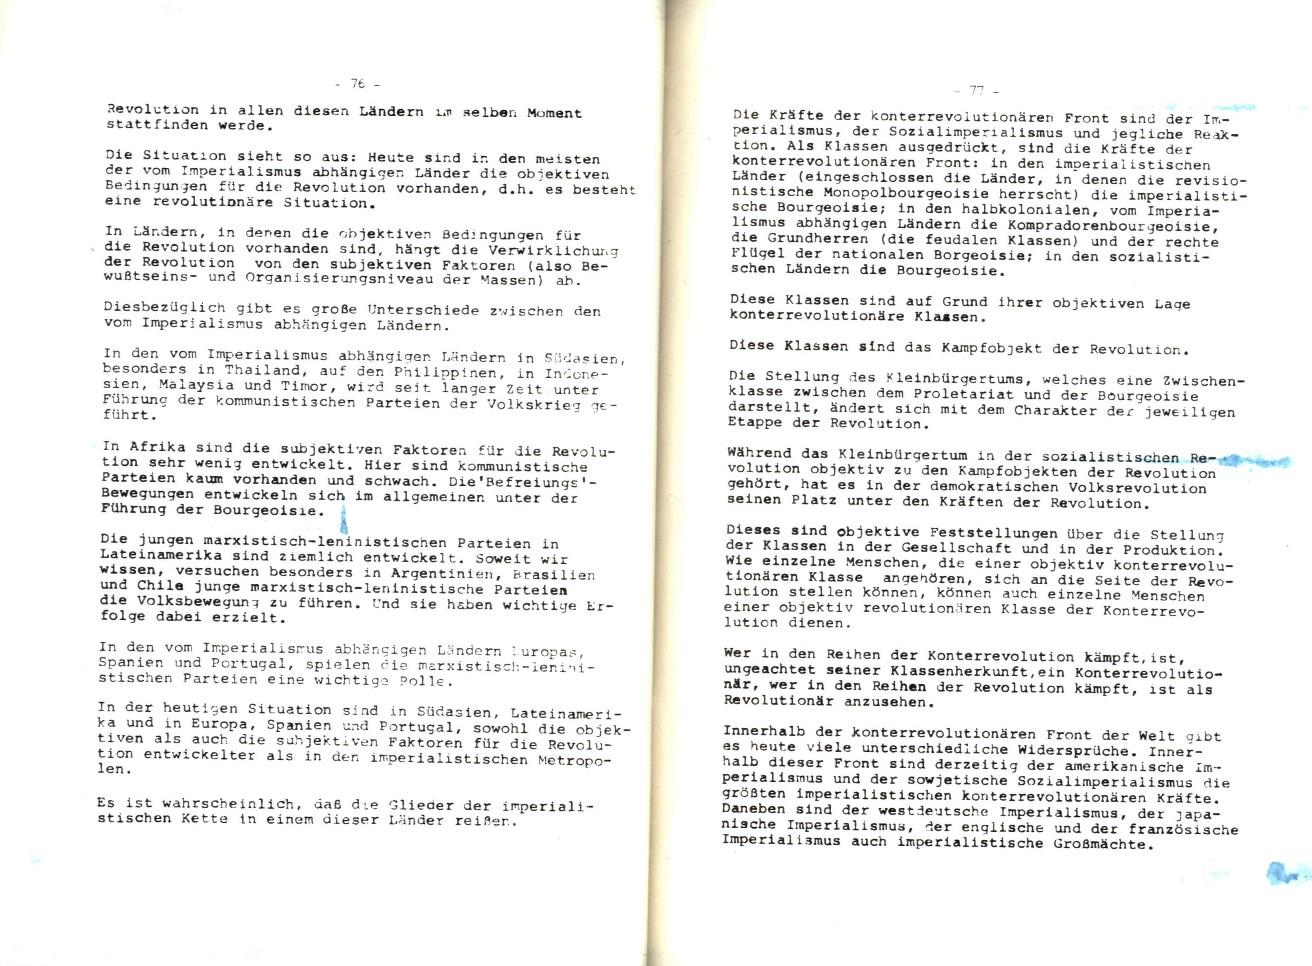 MLSK_Theorie_und_Praxis_des_ML_1978_21_47